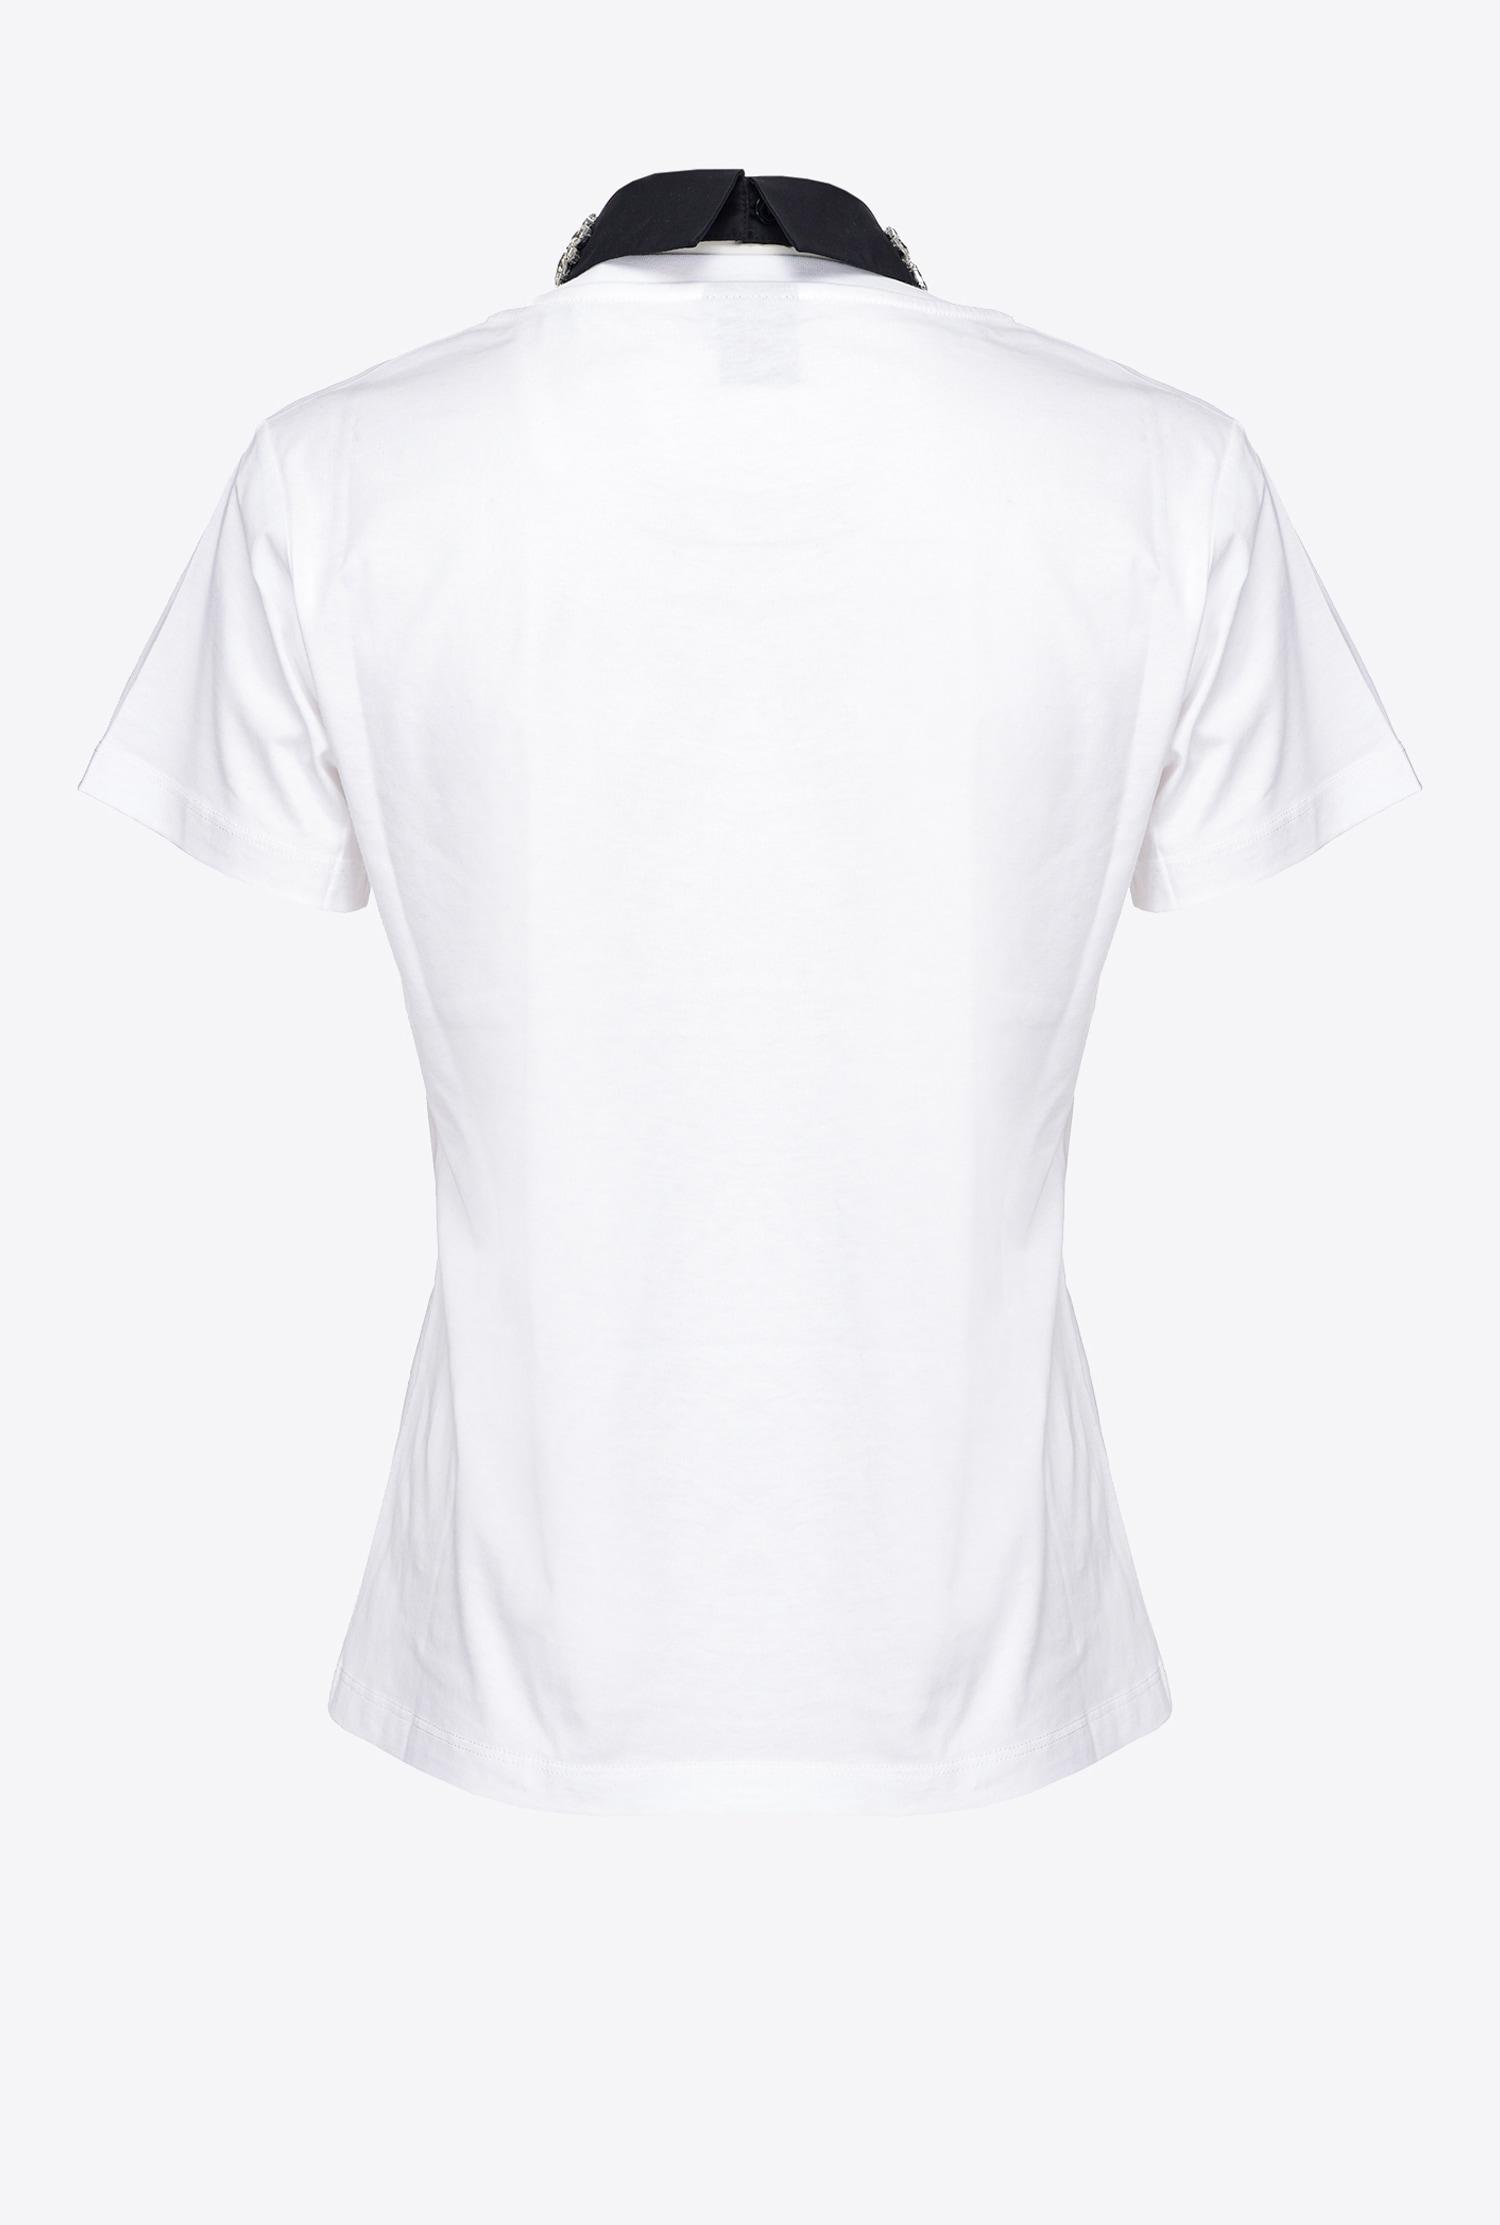 ALLEGATO T-SHIRT CON COLLETTO RIMOVIBILE Pinko | T-shirt | 1G164L-Y4LXZI4